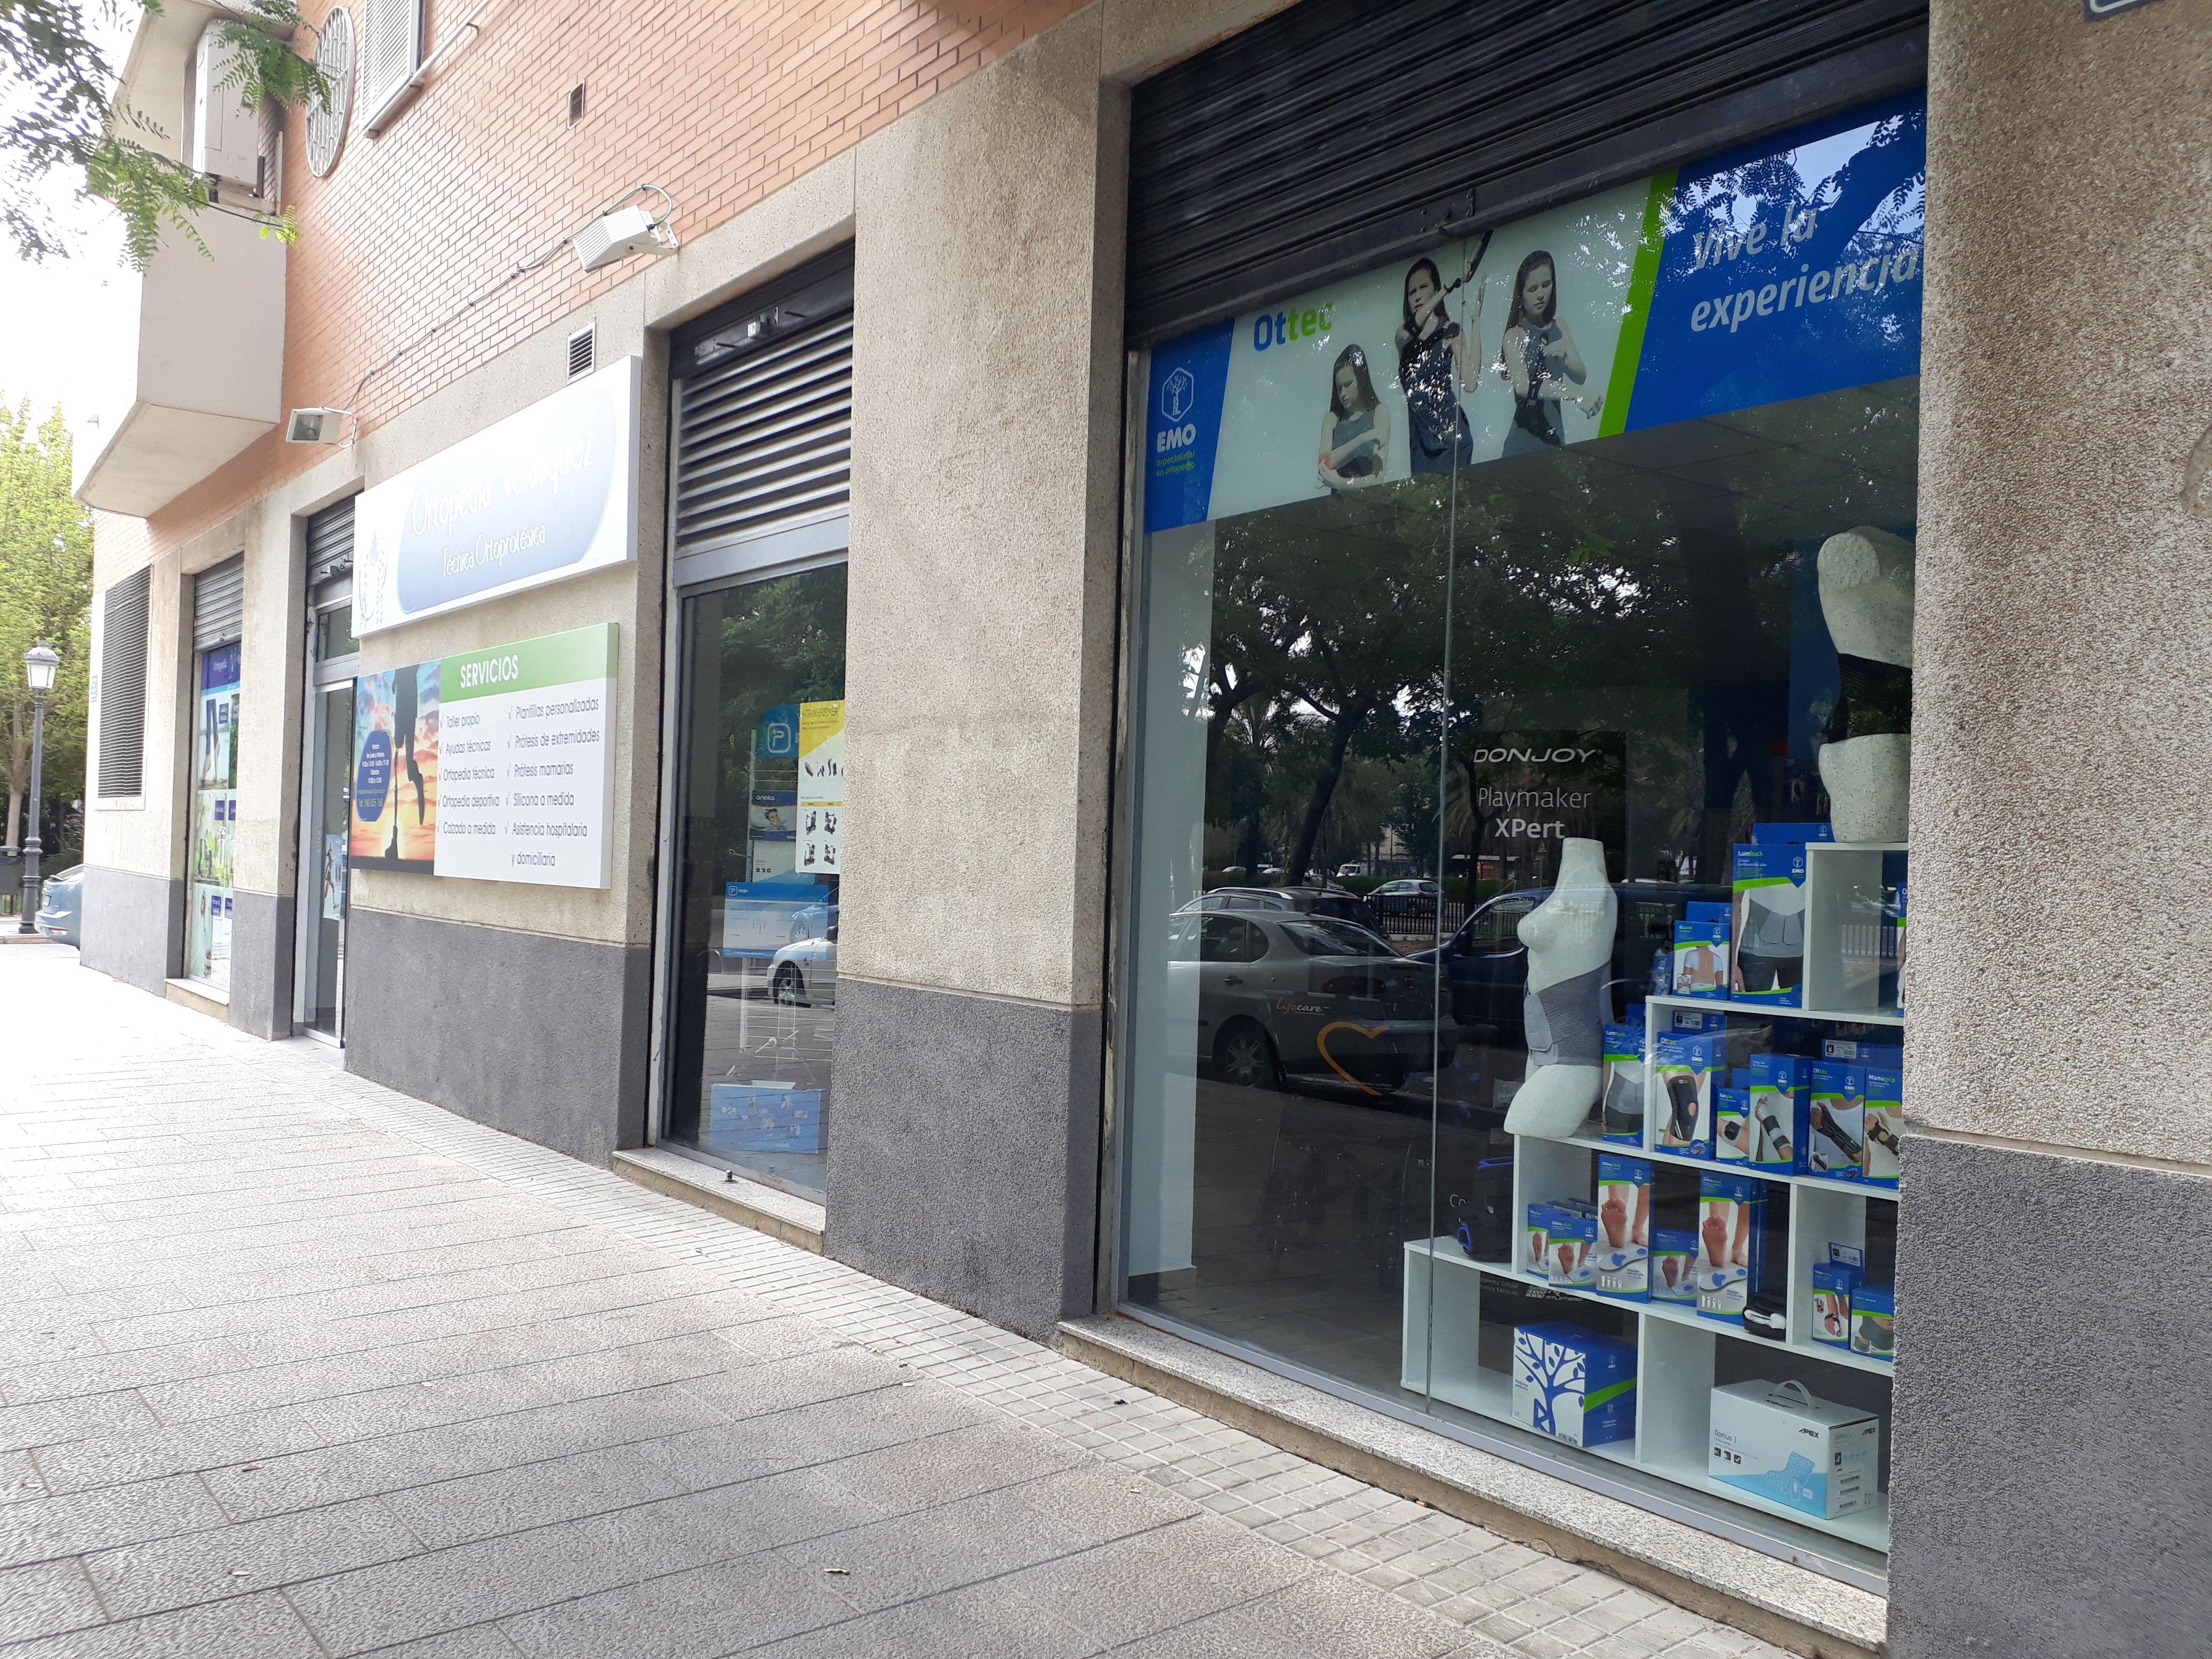 Sillas ortopédicas para ducha Valencia